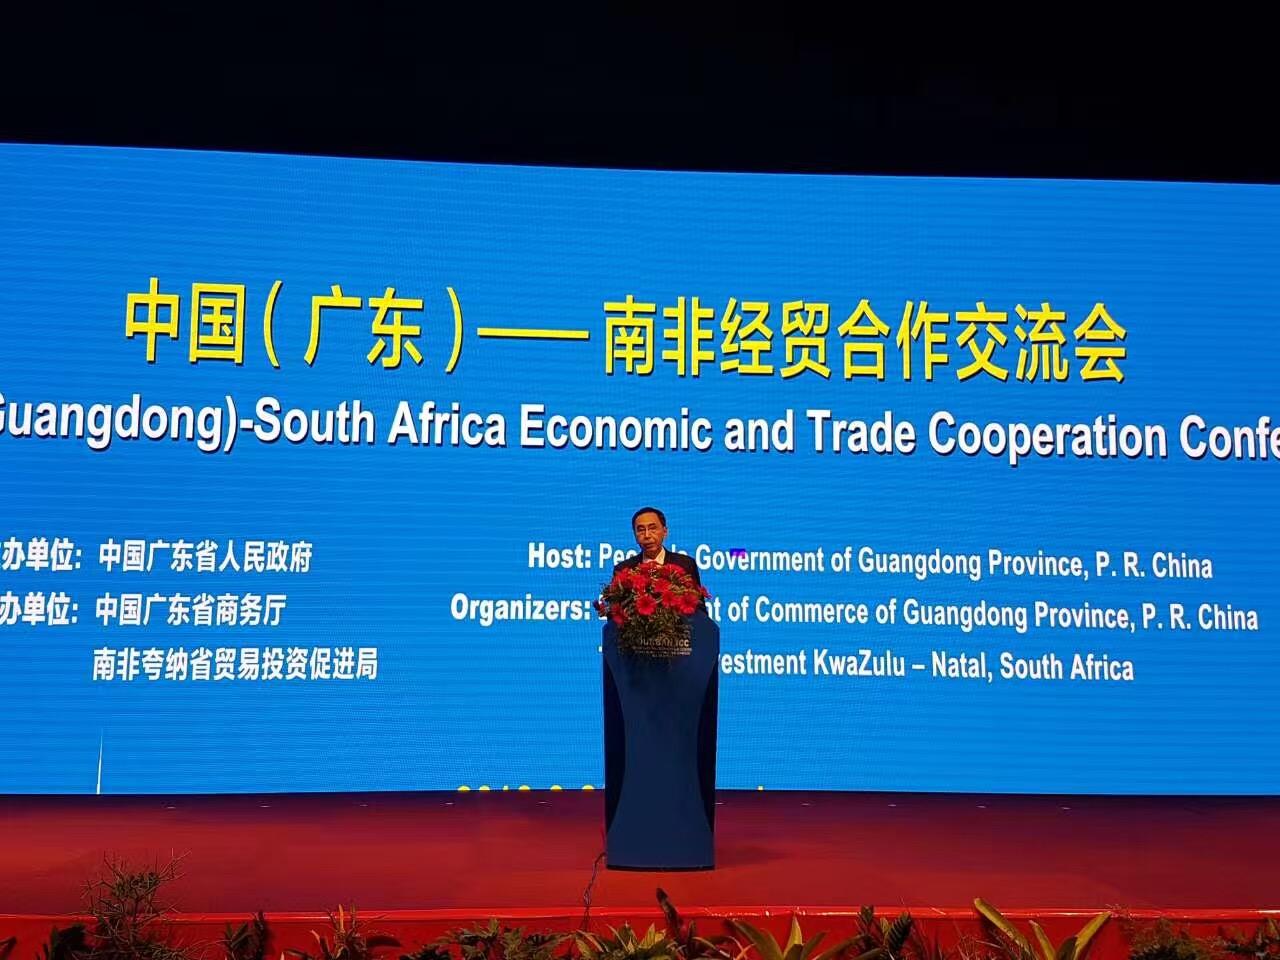 中国(广东)-南非经贸合作交流会成功举行